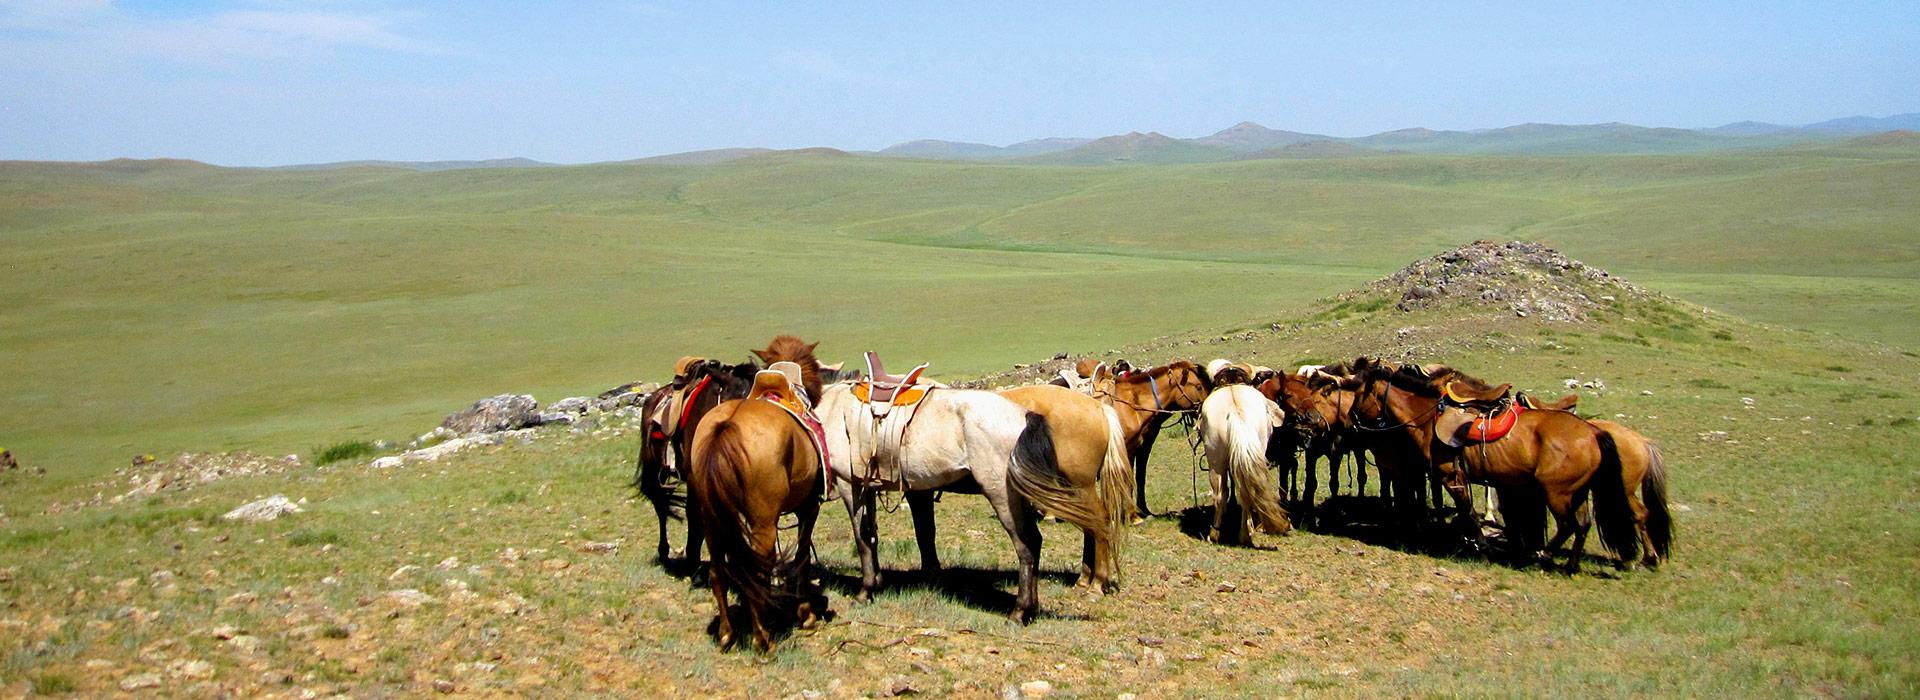 steppe-ride-mongolia-horses-